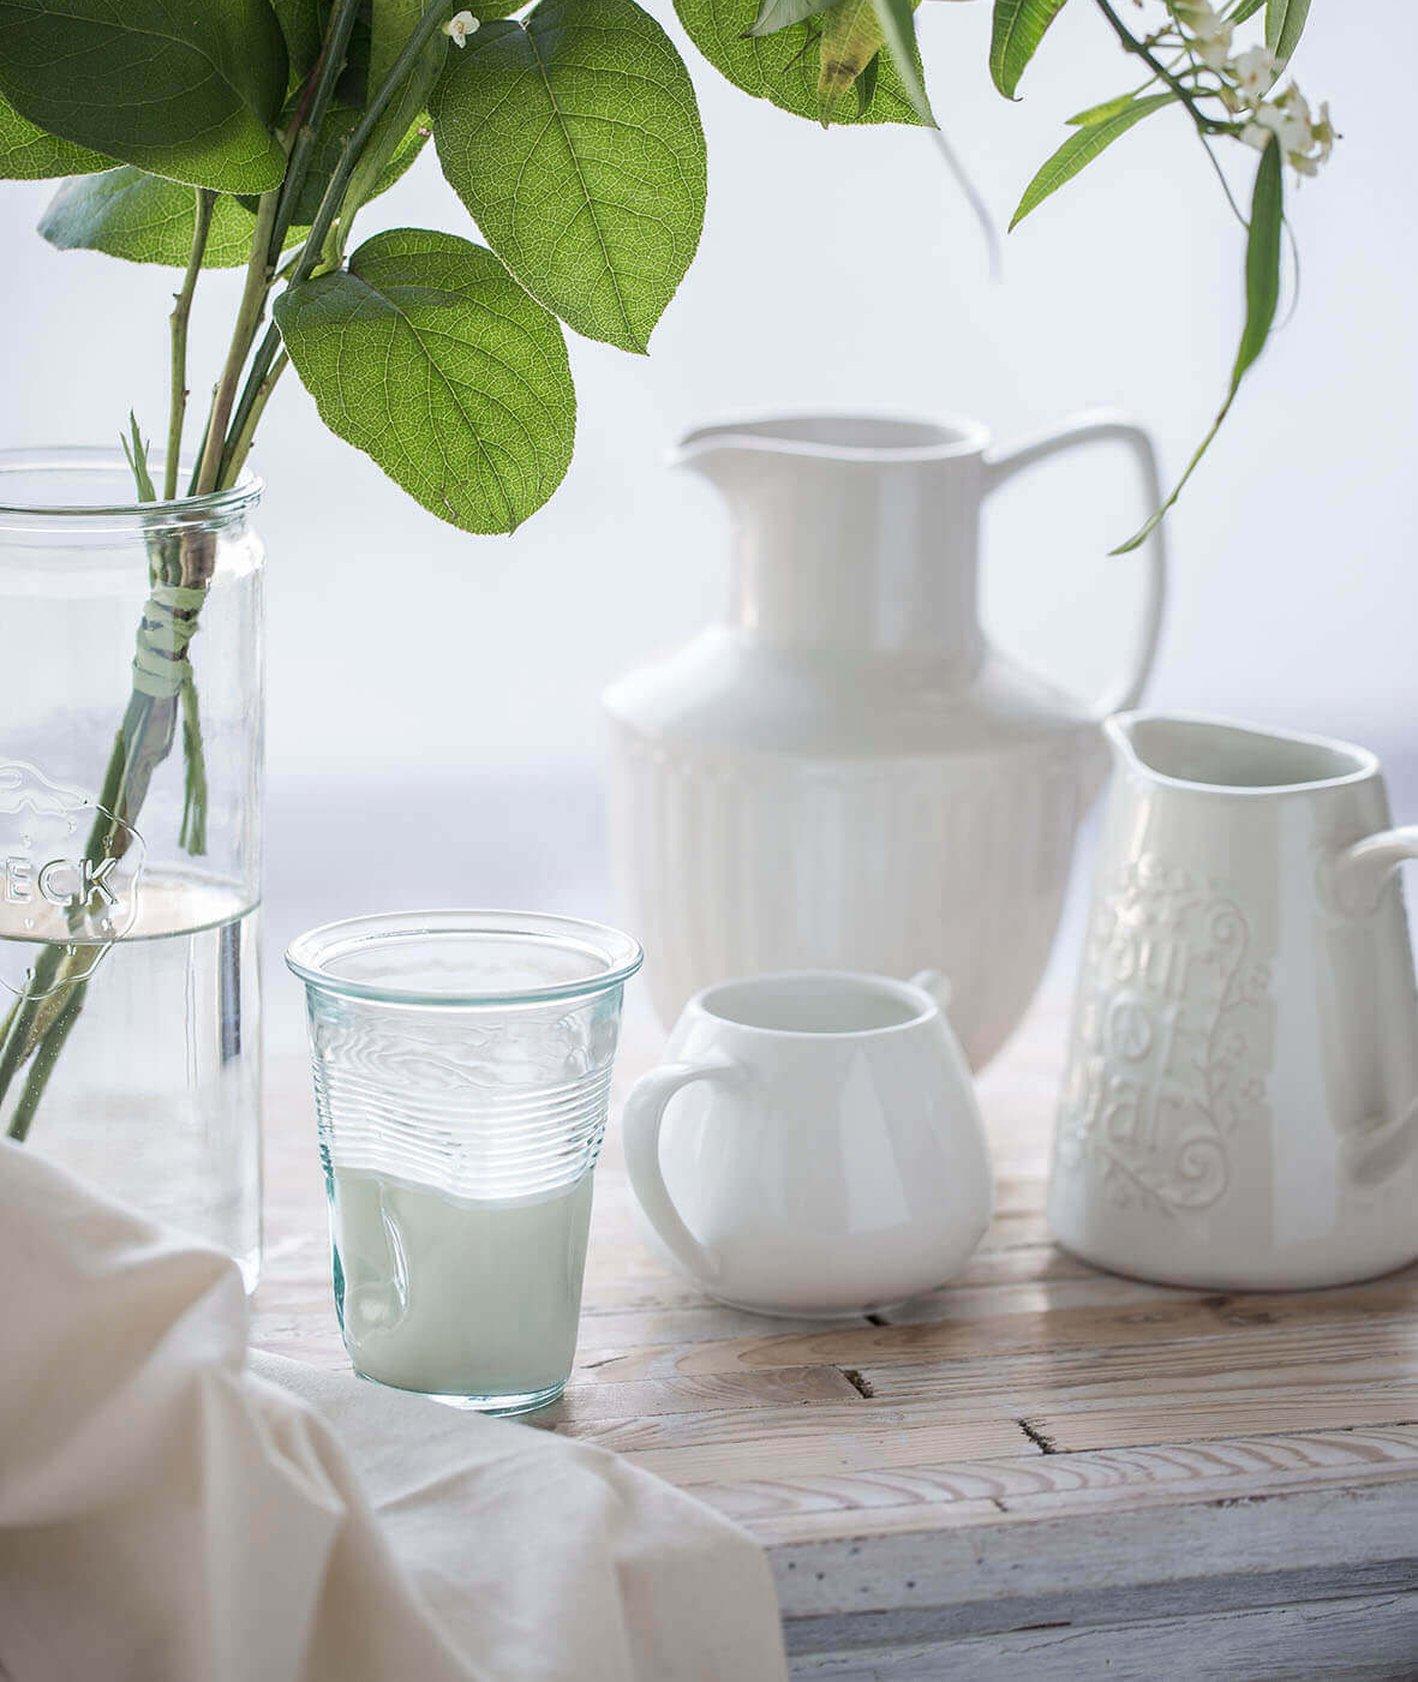 mleko roślinne, domowe mleko roślinne, kuchnia roślinna, dieta wegańska, Marta Dymek, Jadłonomia, jak zrobić mleko roślinne, przepis Jadłonomia